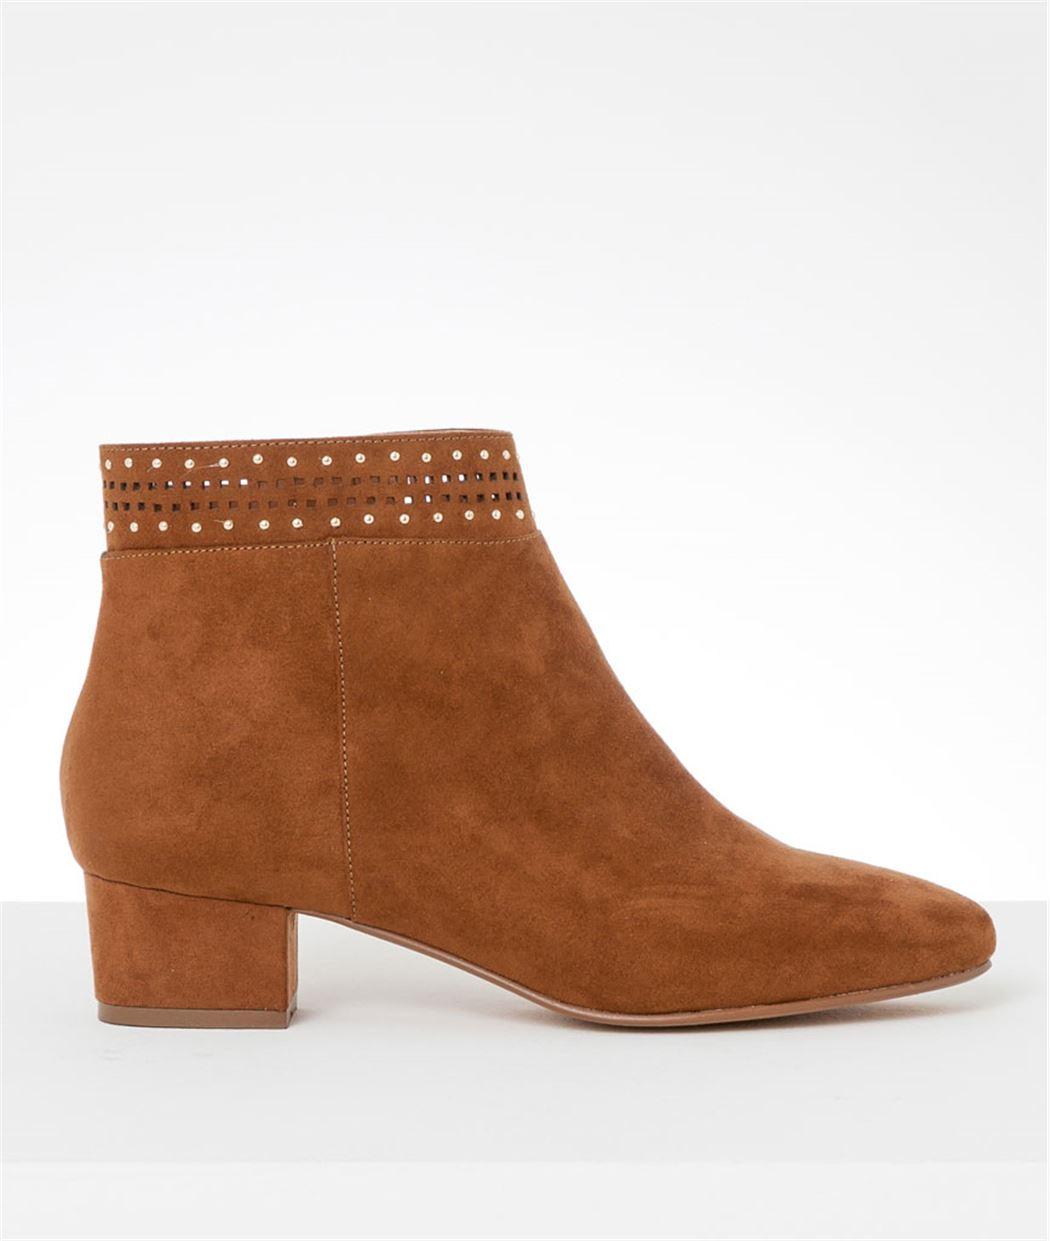 Boots femme ajourées cloutés CAMEL